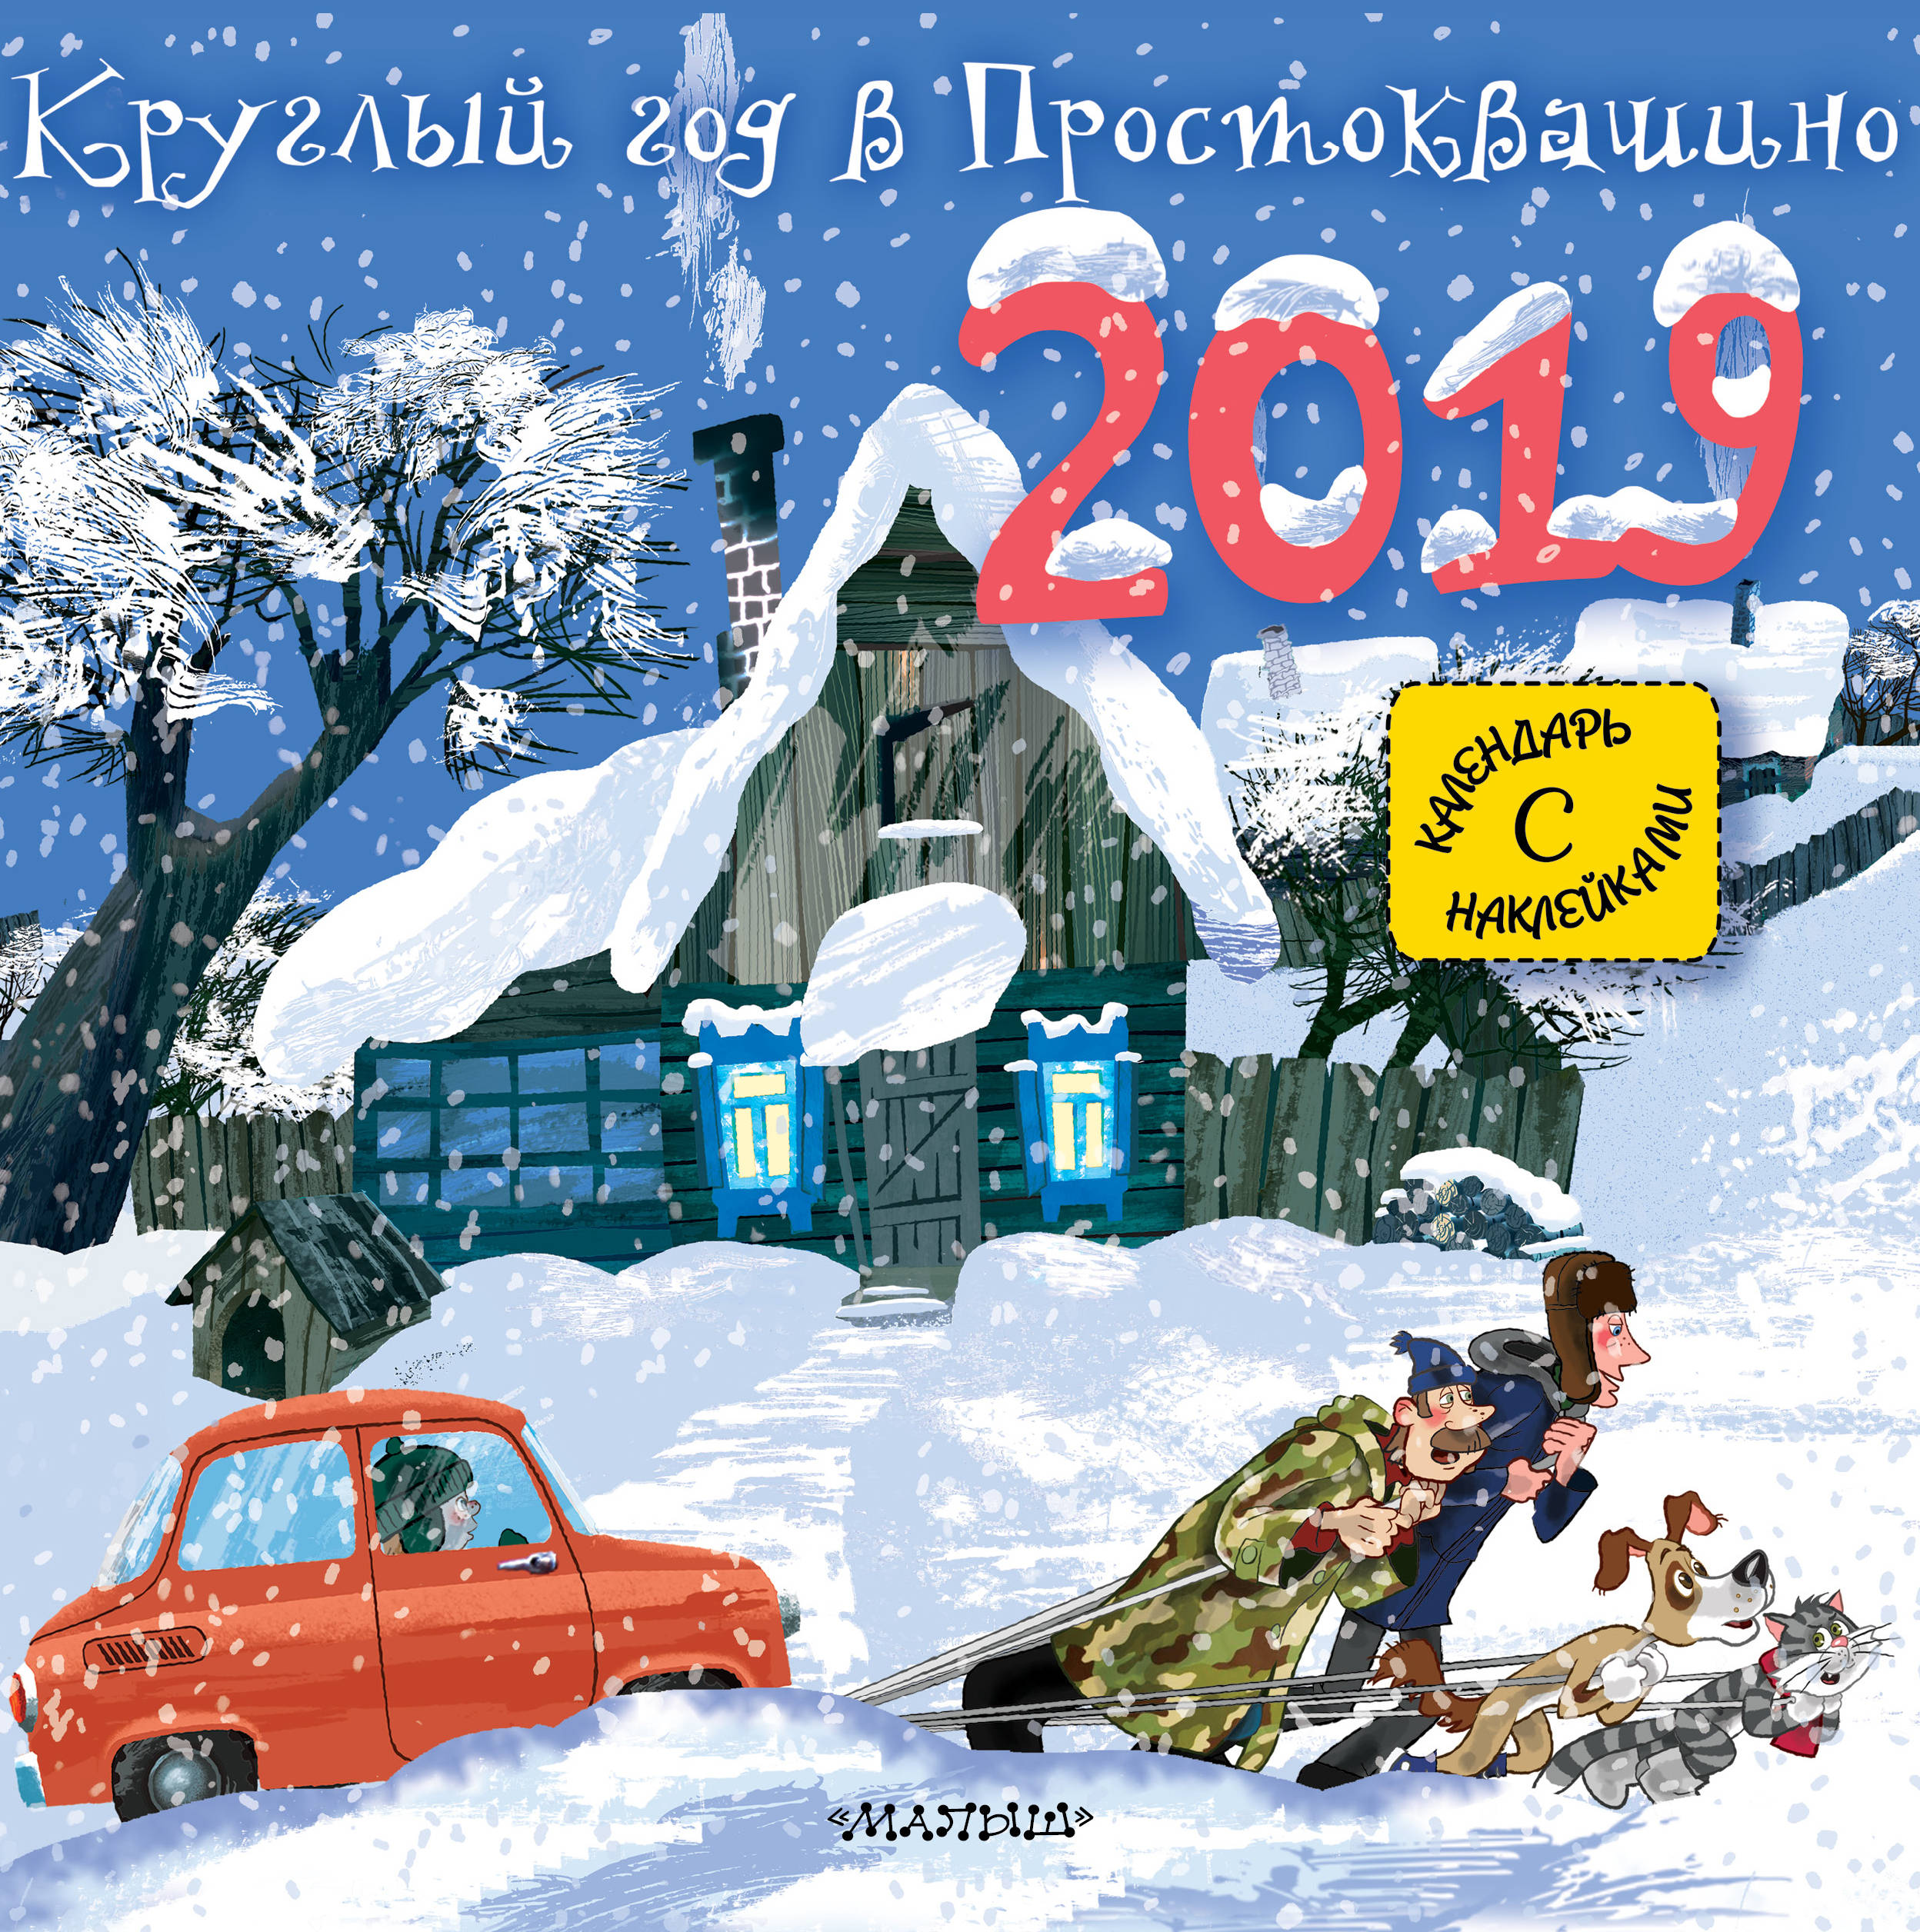 Календарь 2019 (на скрепке). Круглый год в Простоквашино (+ наклейки)